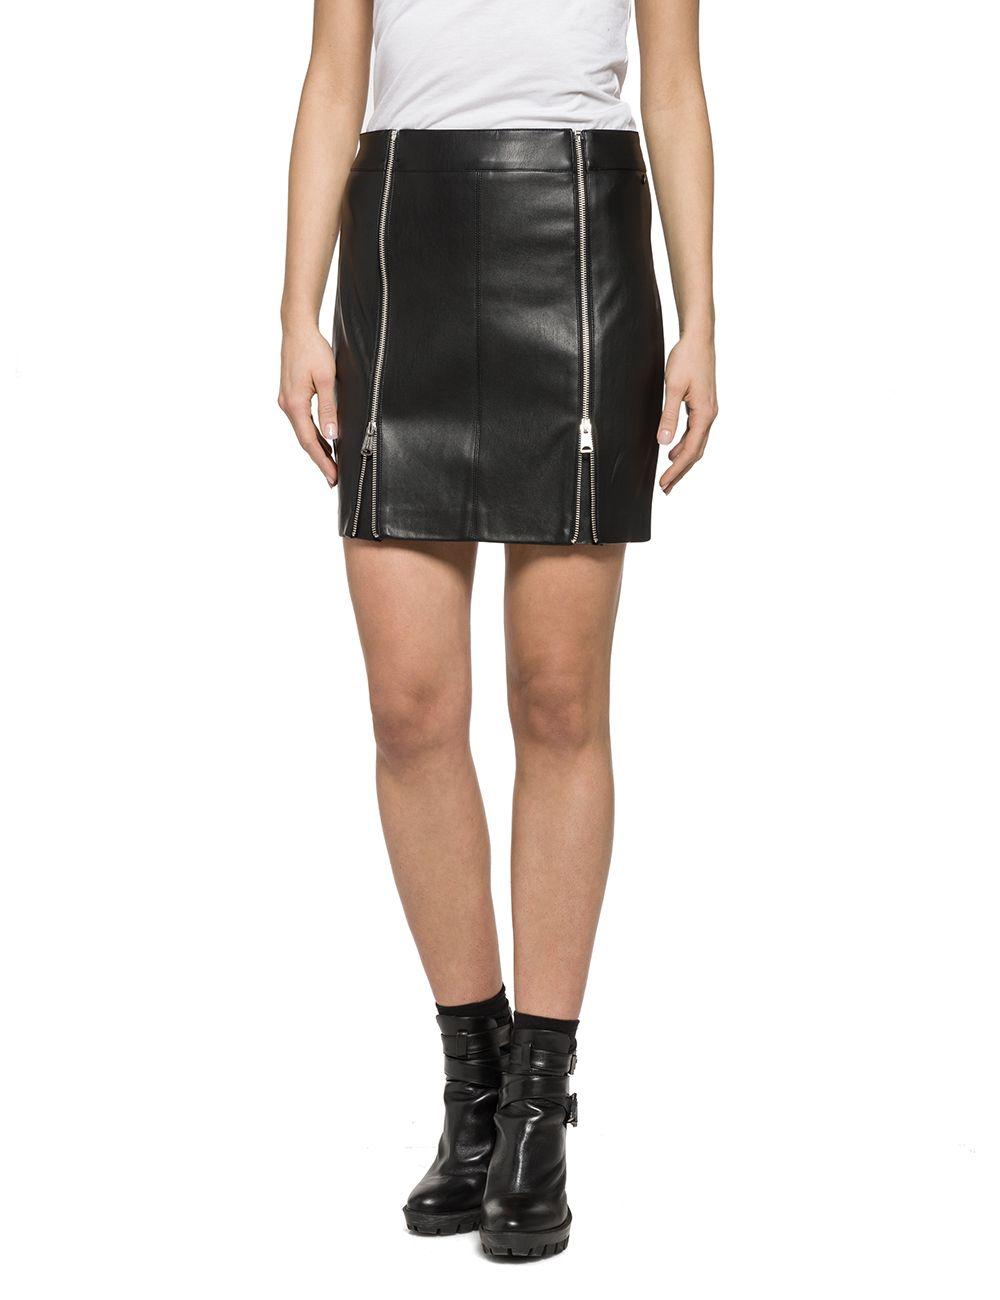 House of fraser womens maxi dresses trendy style for Housse of fraser